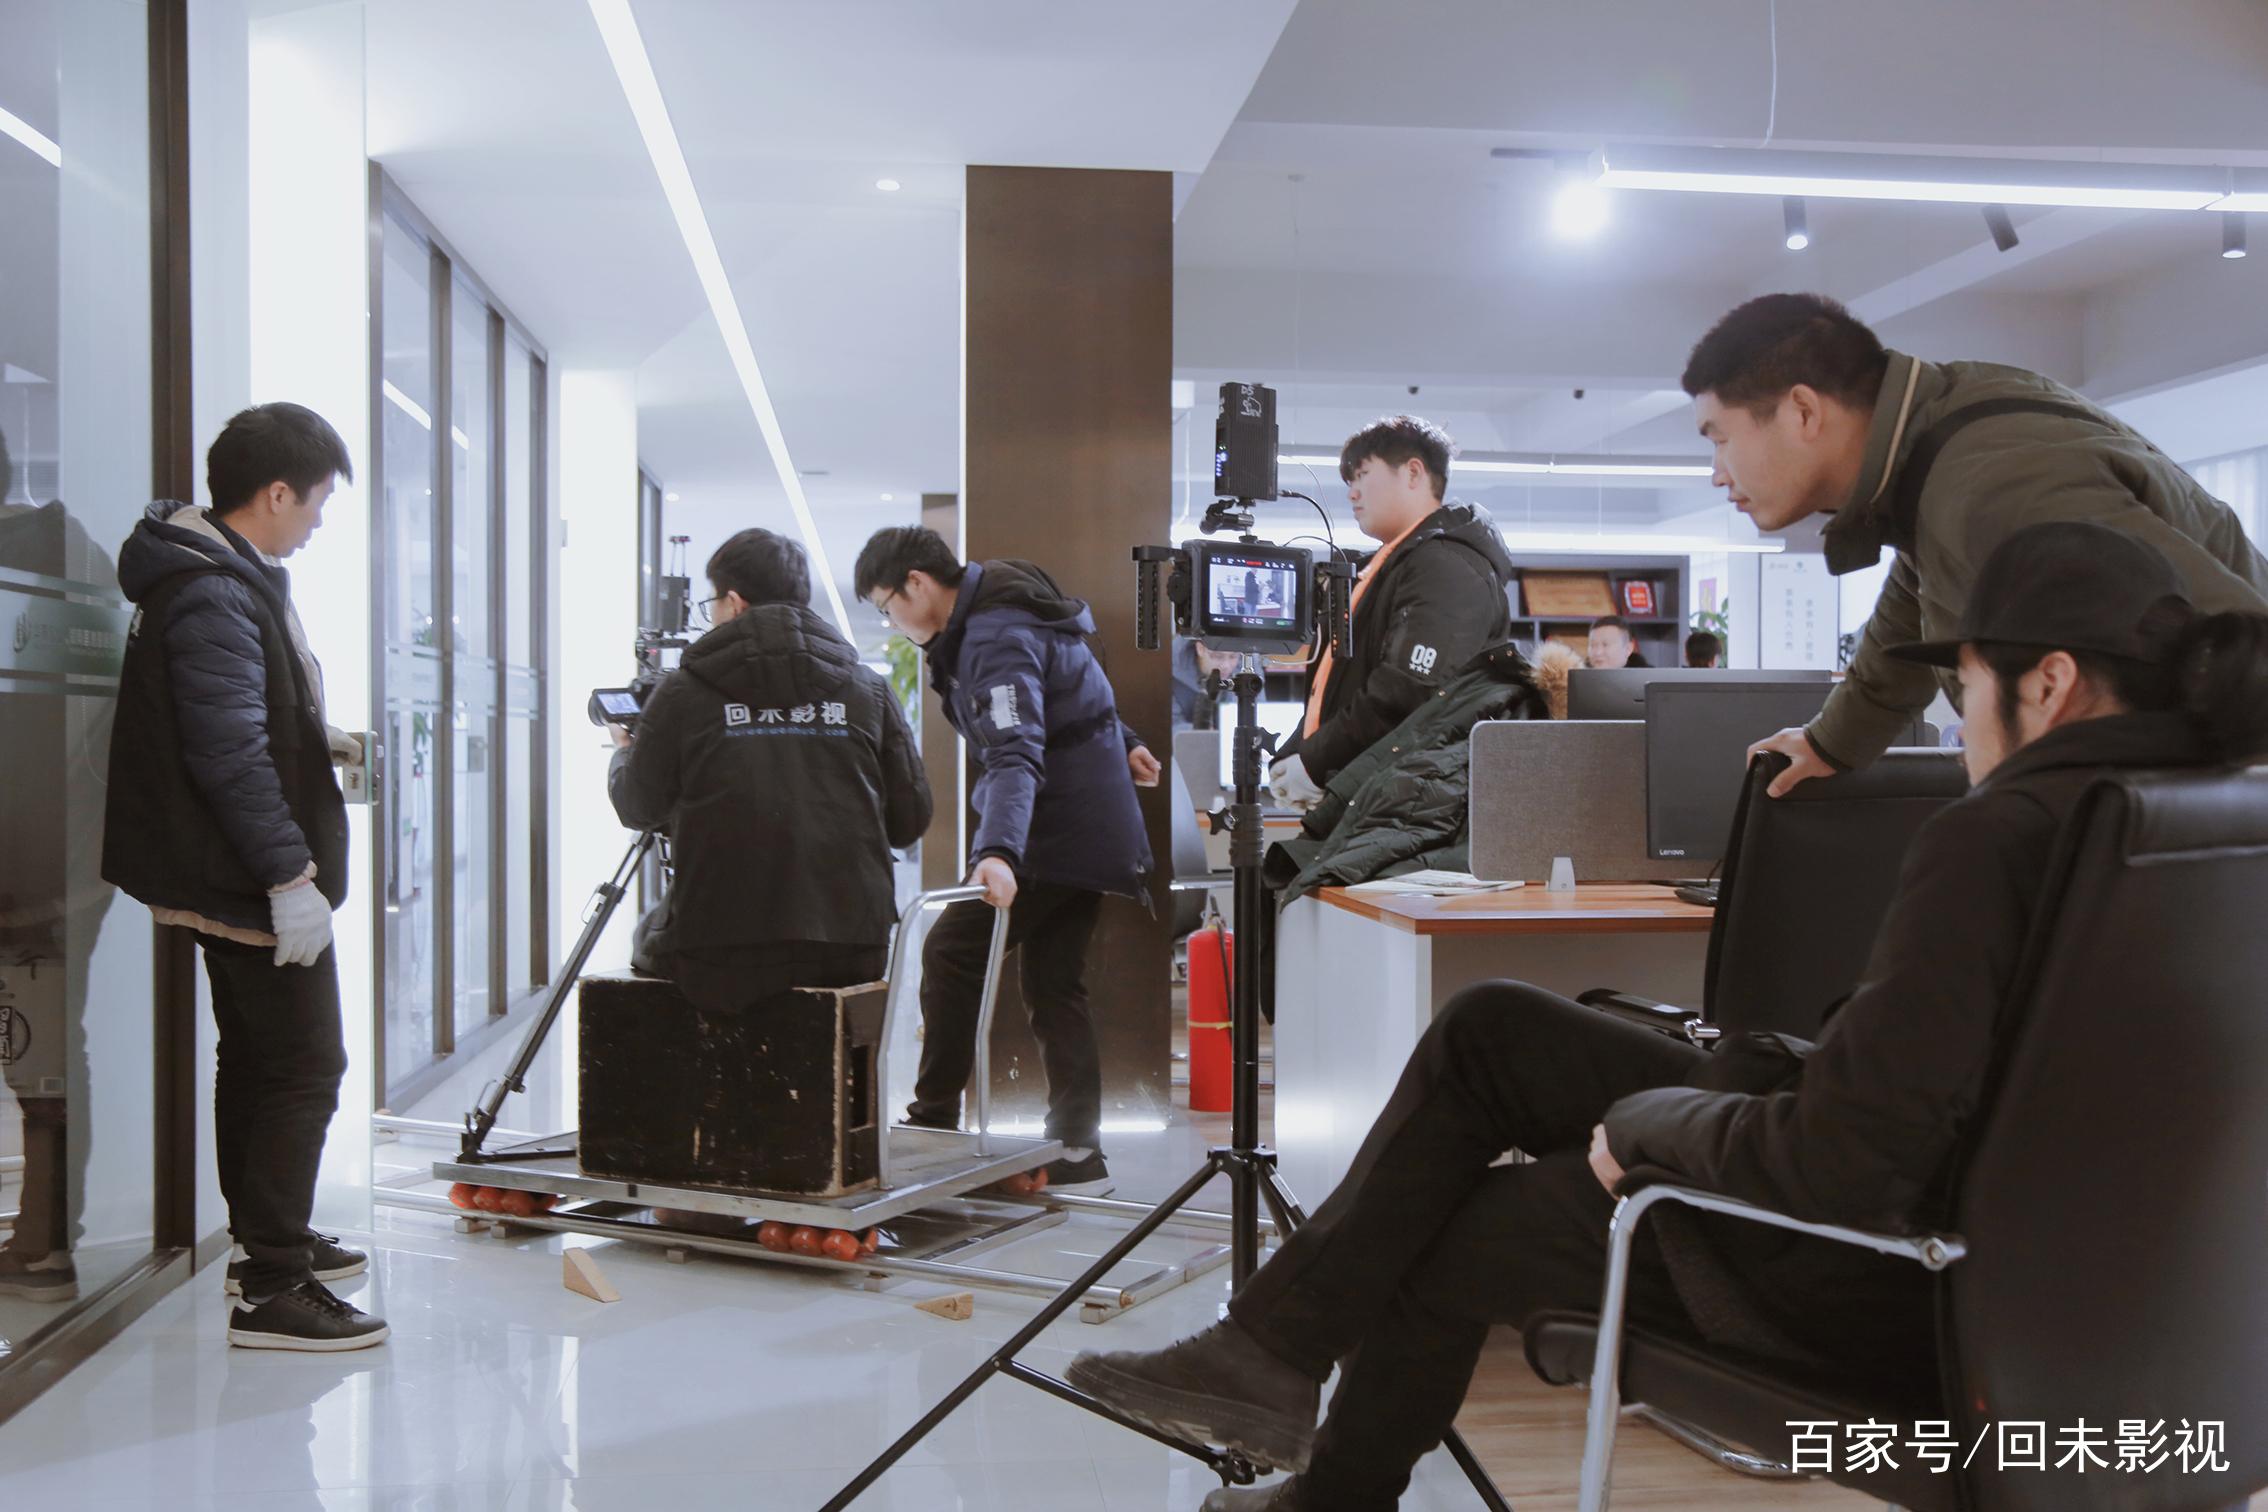 郑州国酒企业宣传片拍摄花絮欣赏,一瓶酒换一套房,长见识了!